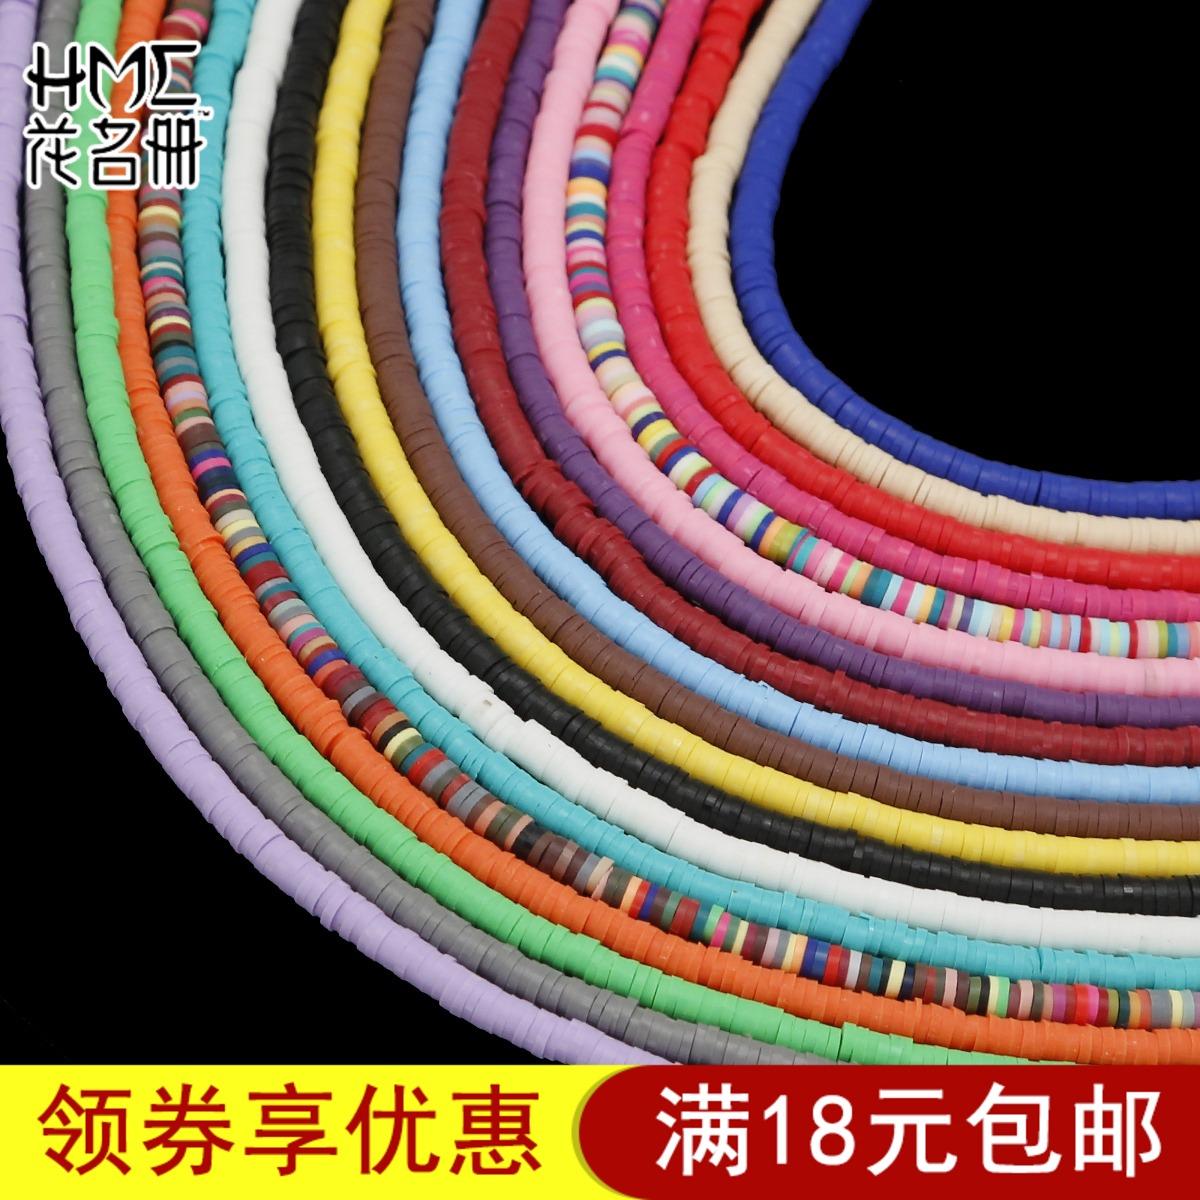 花名��3mm�陶�品薄片�陶切片手工制作diy手�材料��隔片配件